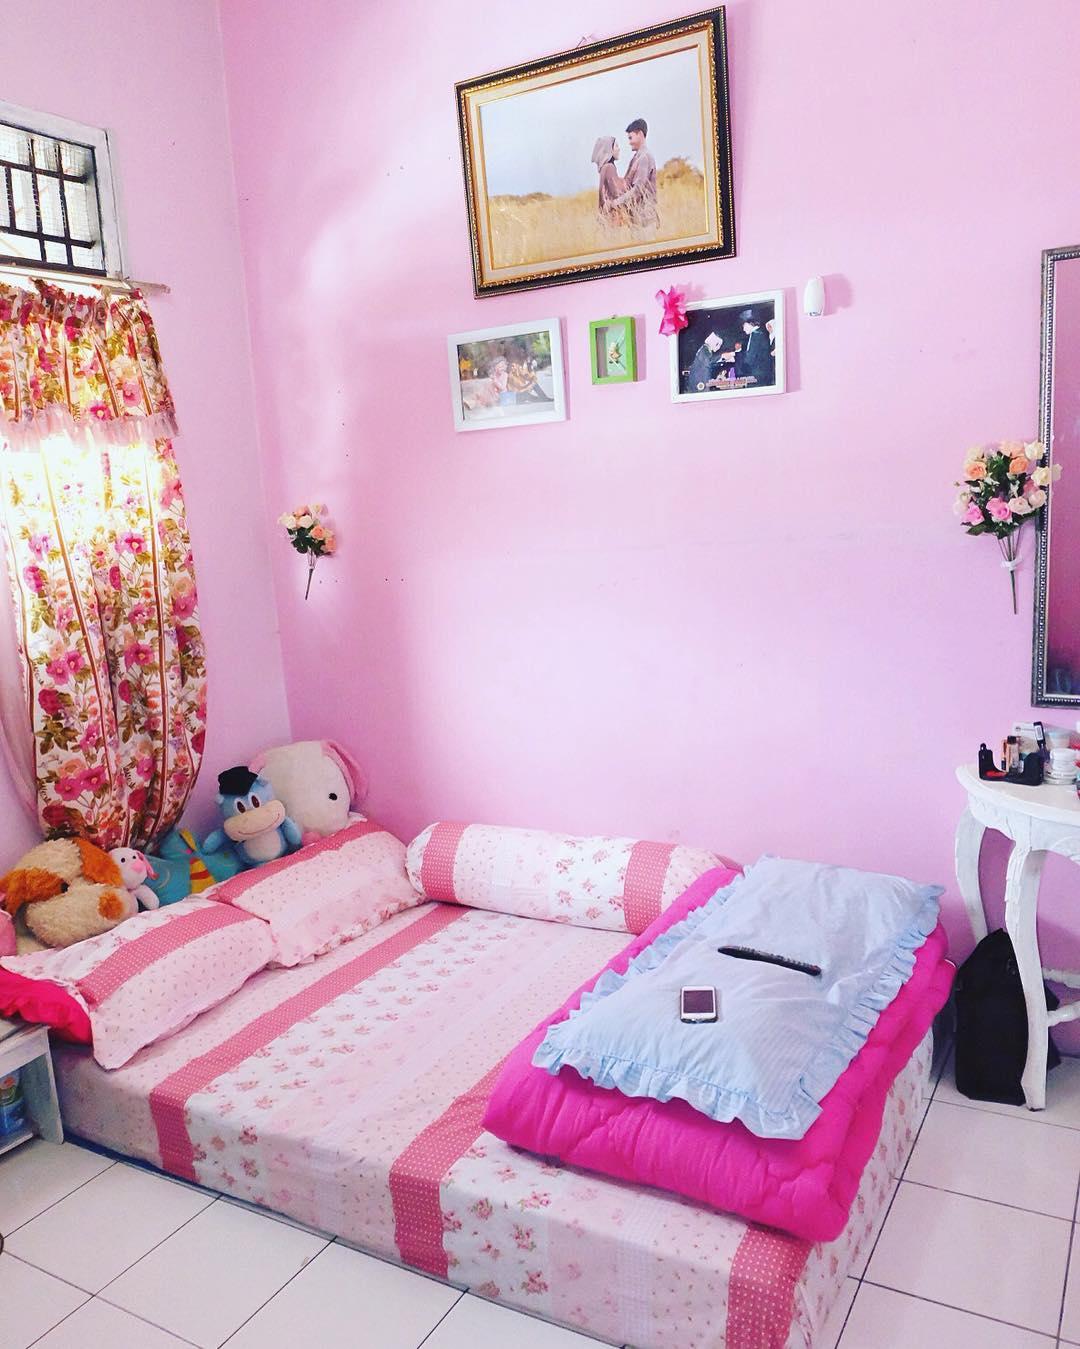 17 Desain Kamar Tidur Warna Pink Minimalis Terbaru 2018 Dekor Rumah